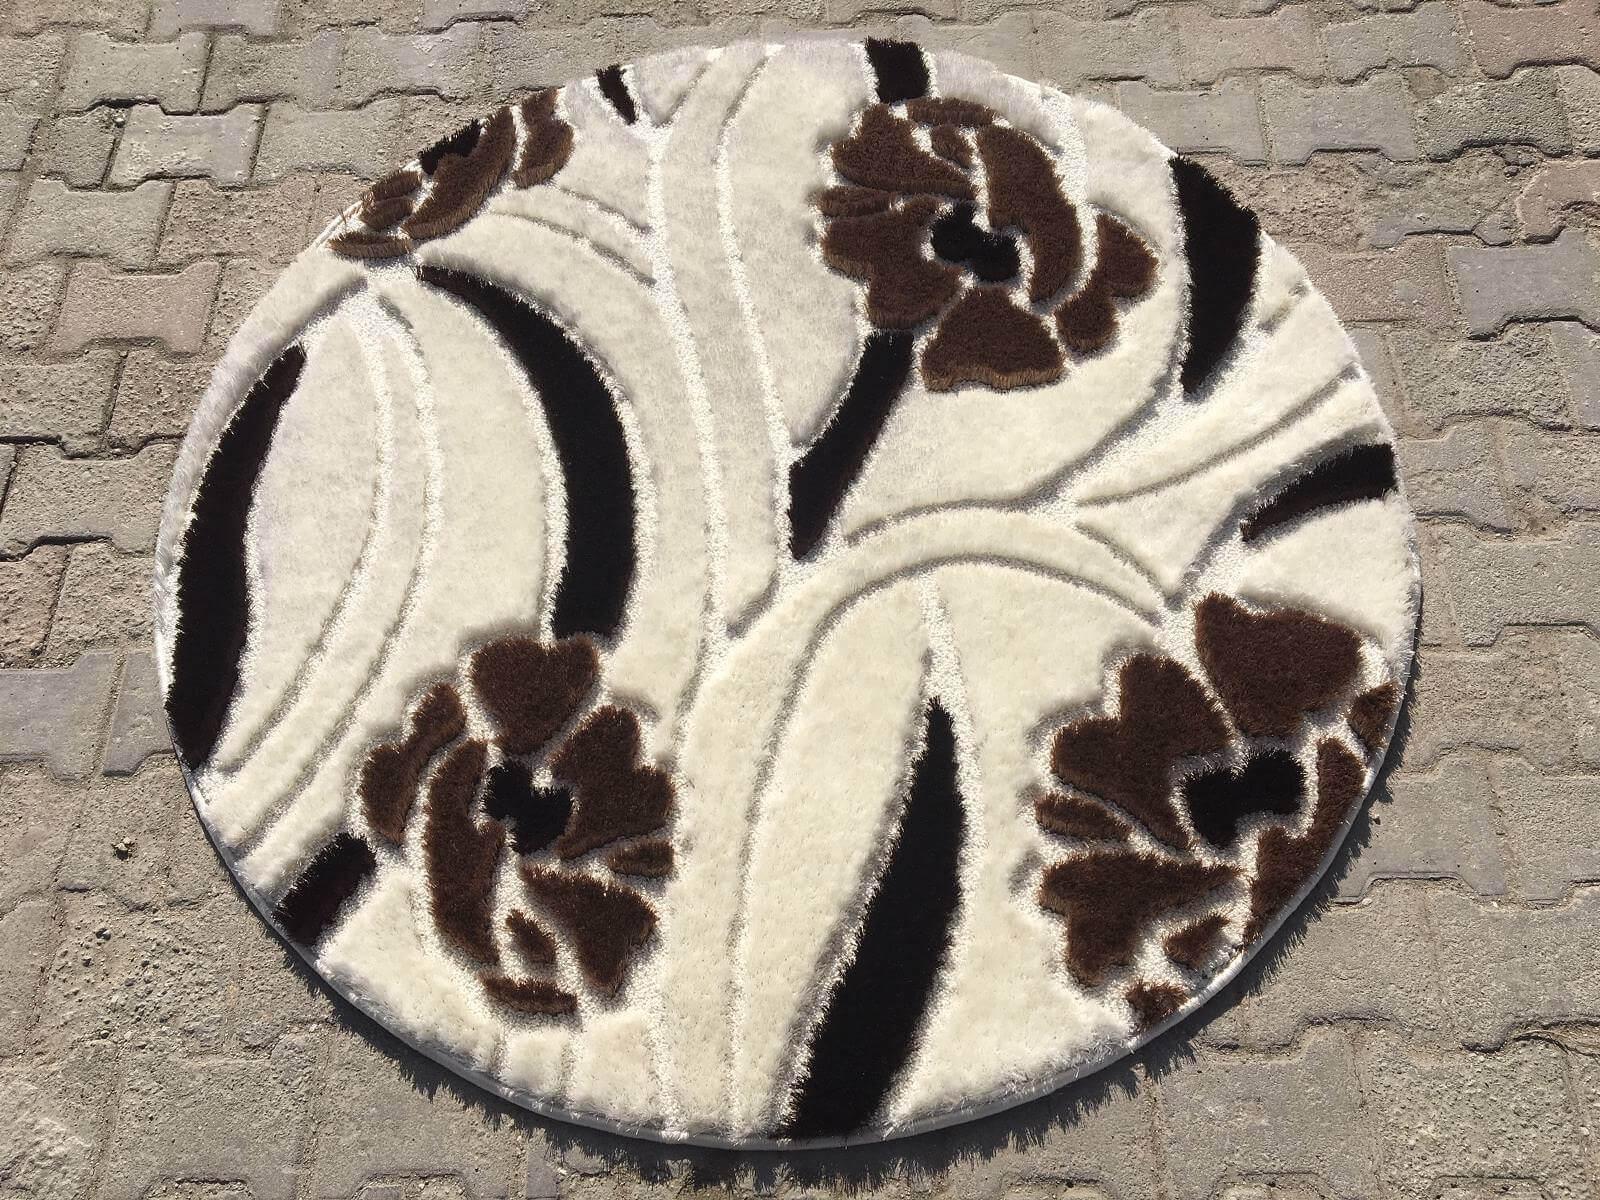 YUVARLAK SHAGGY HALI 150X150 249 TL İndirimli Halı